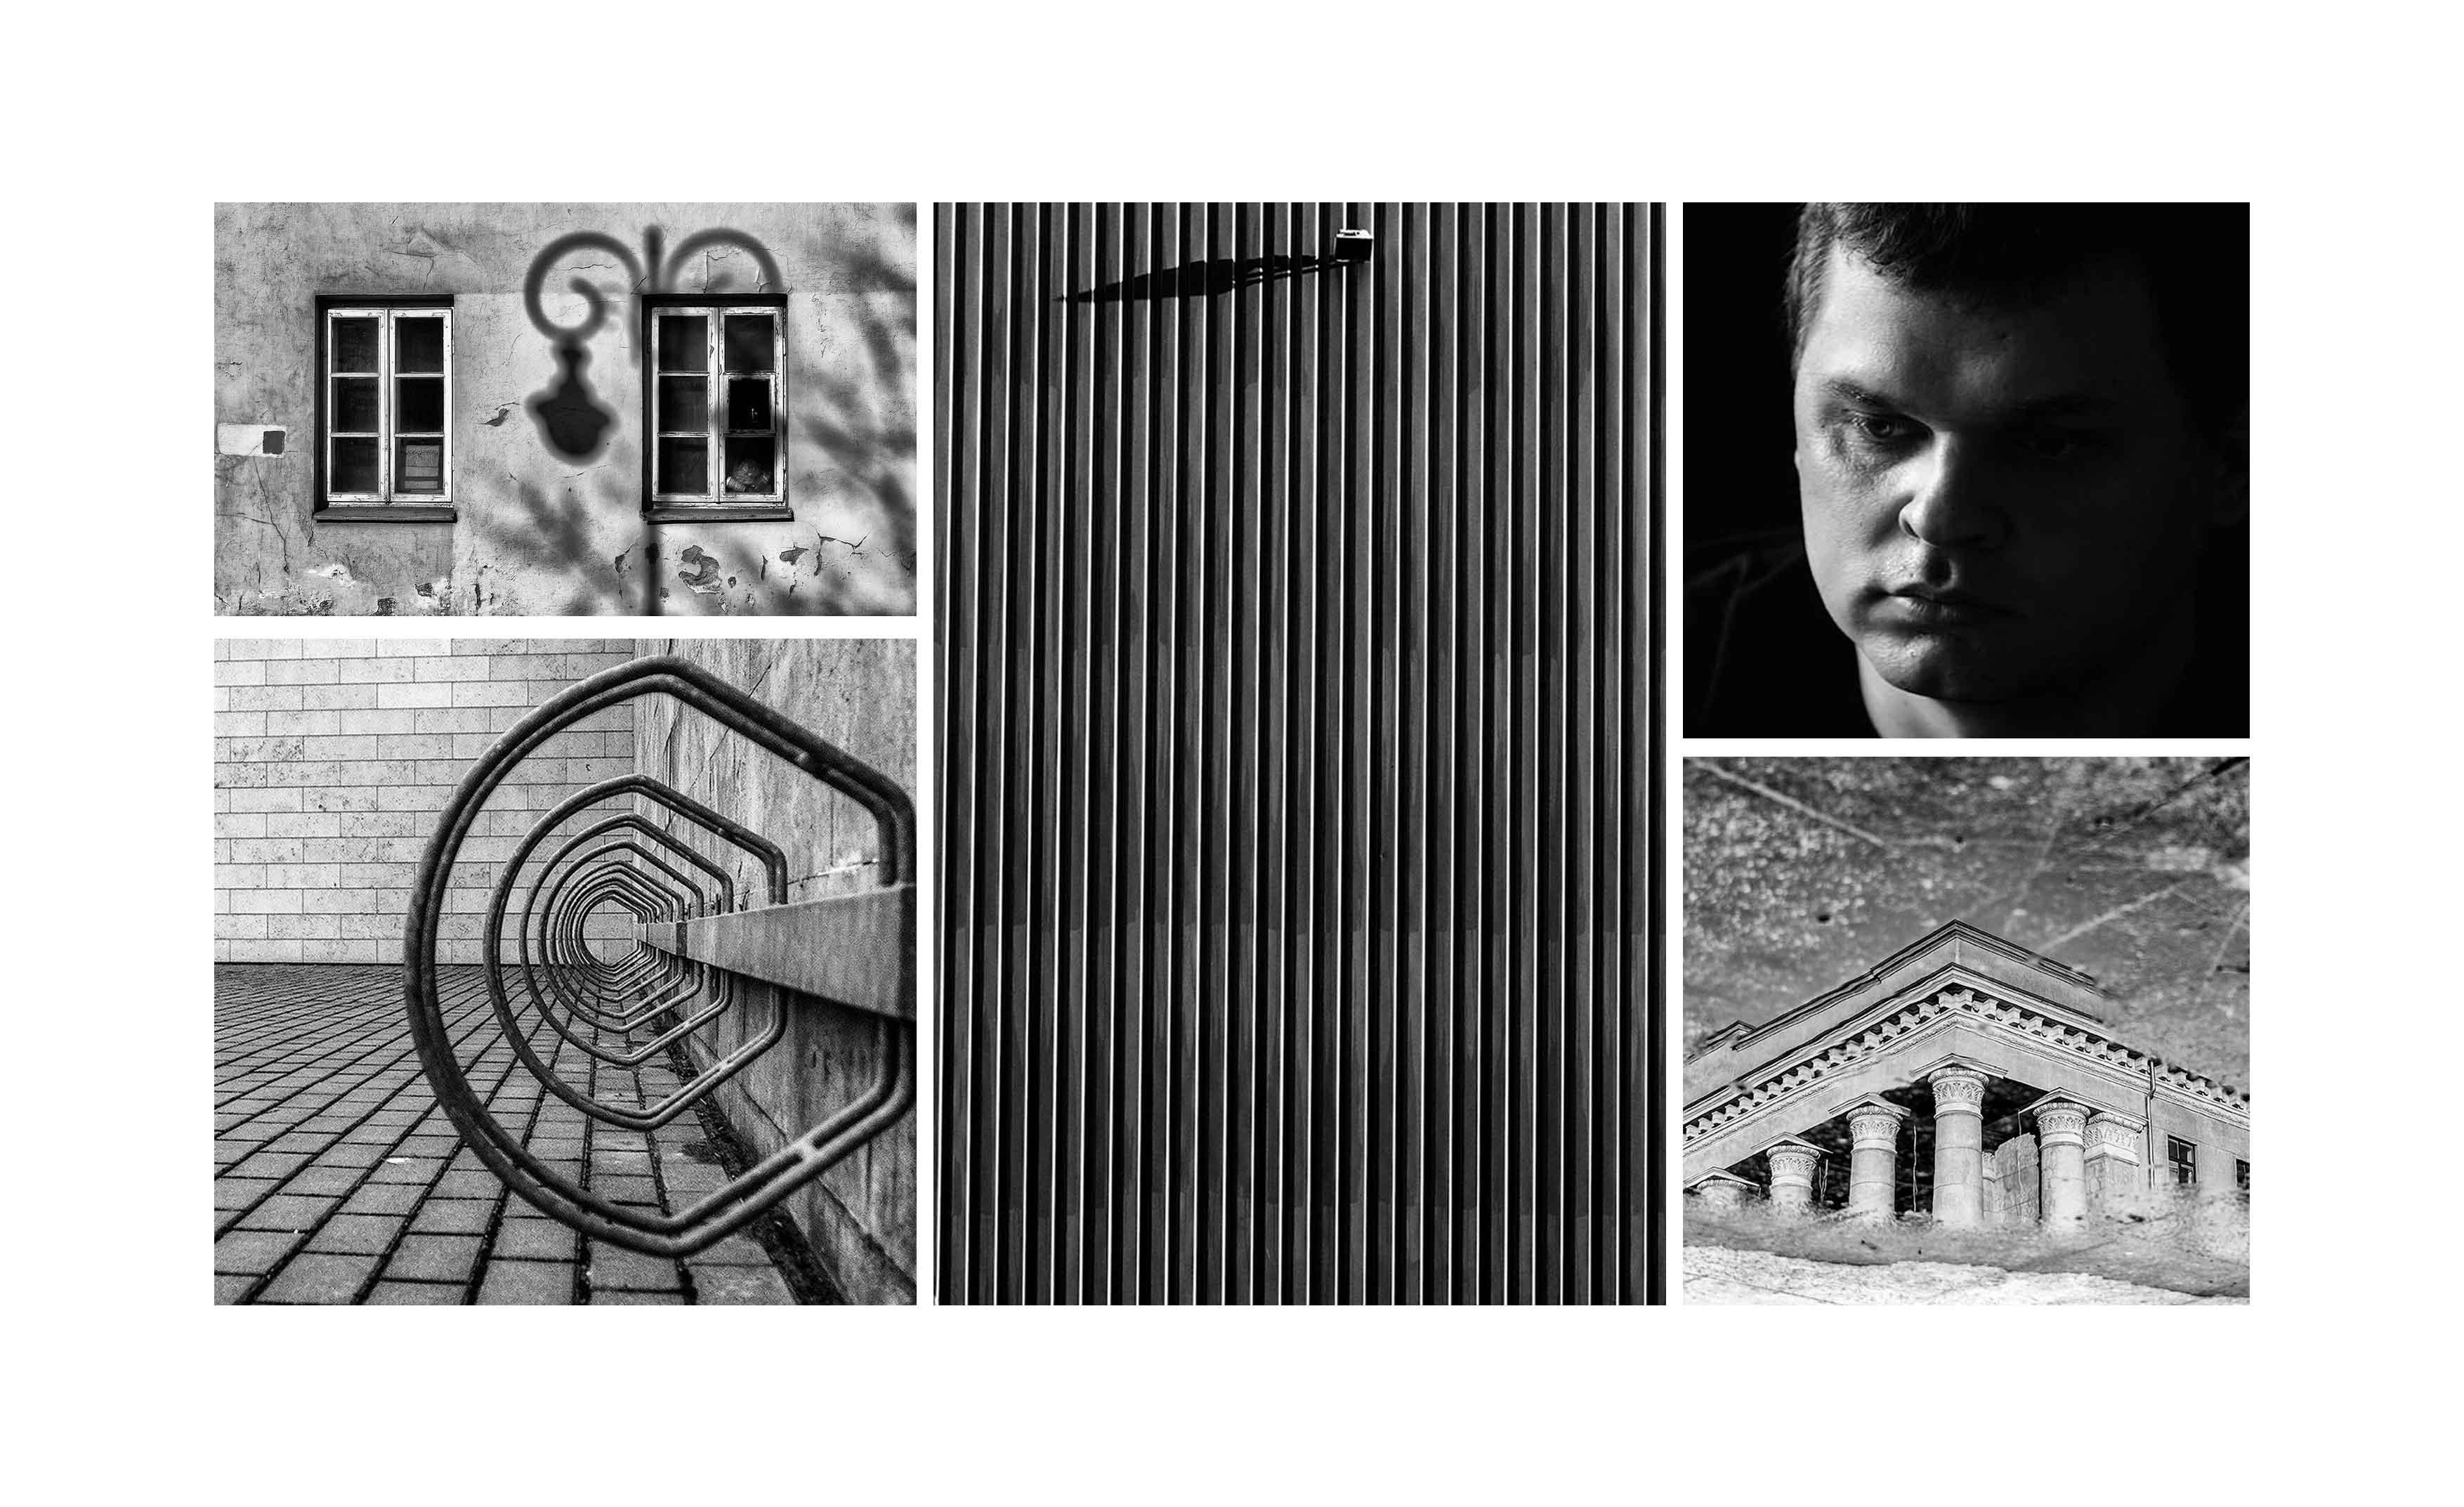 """نگاهی به مجموعه آثار """" Edgaras Vaicikevicius """" عکاس خیابانی (بخش اول)"""